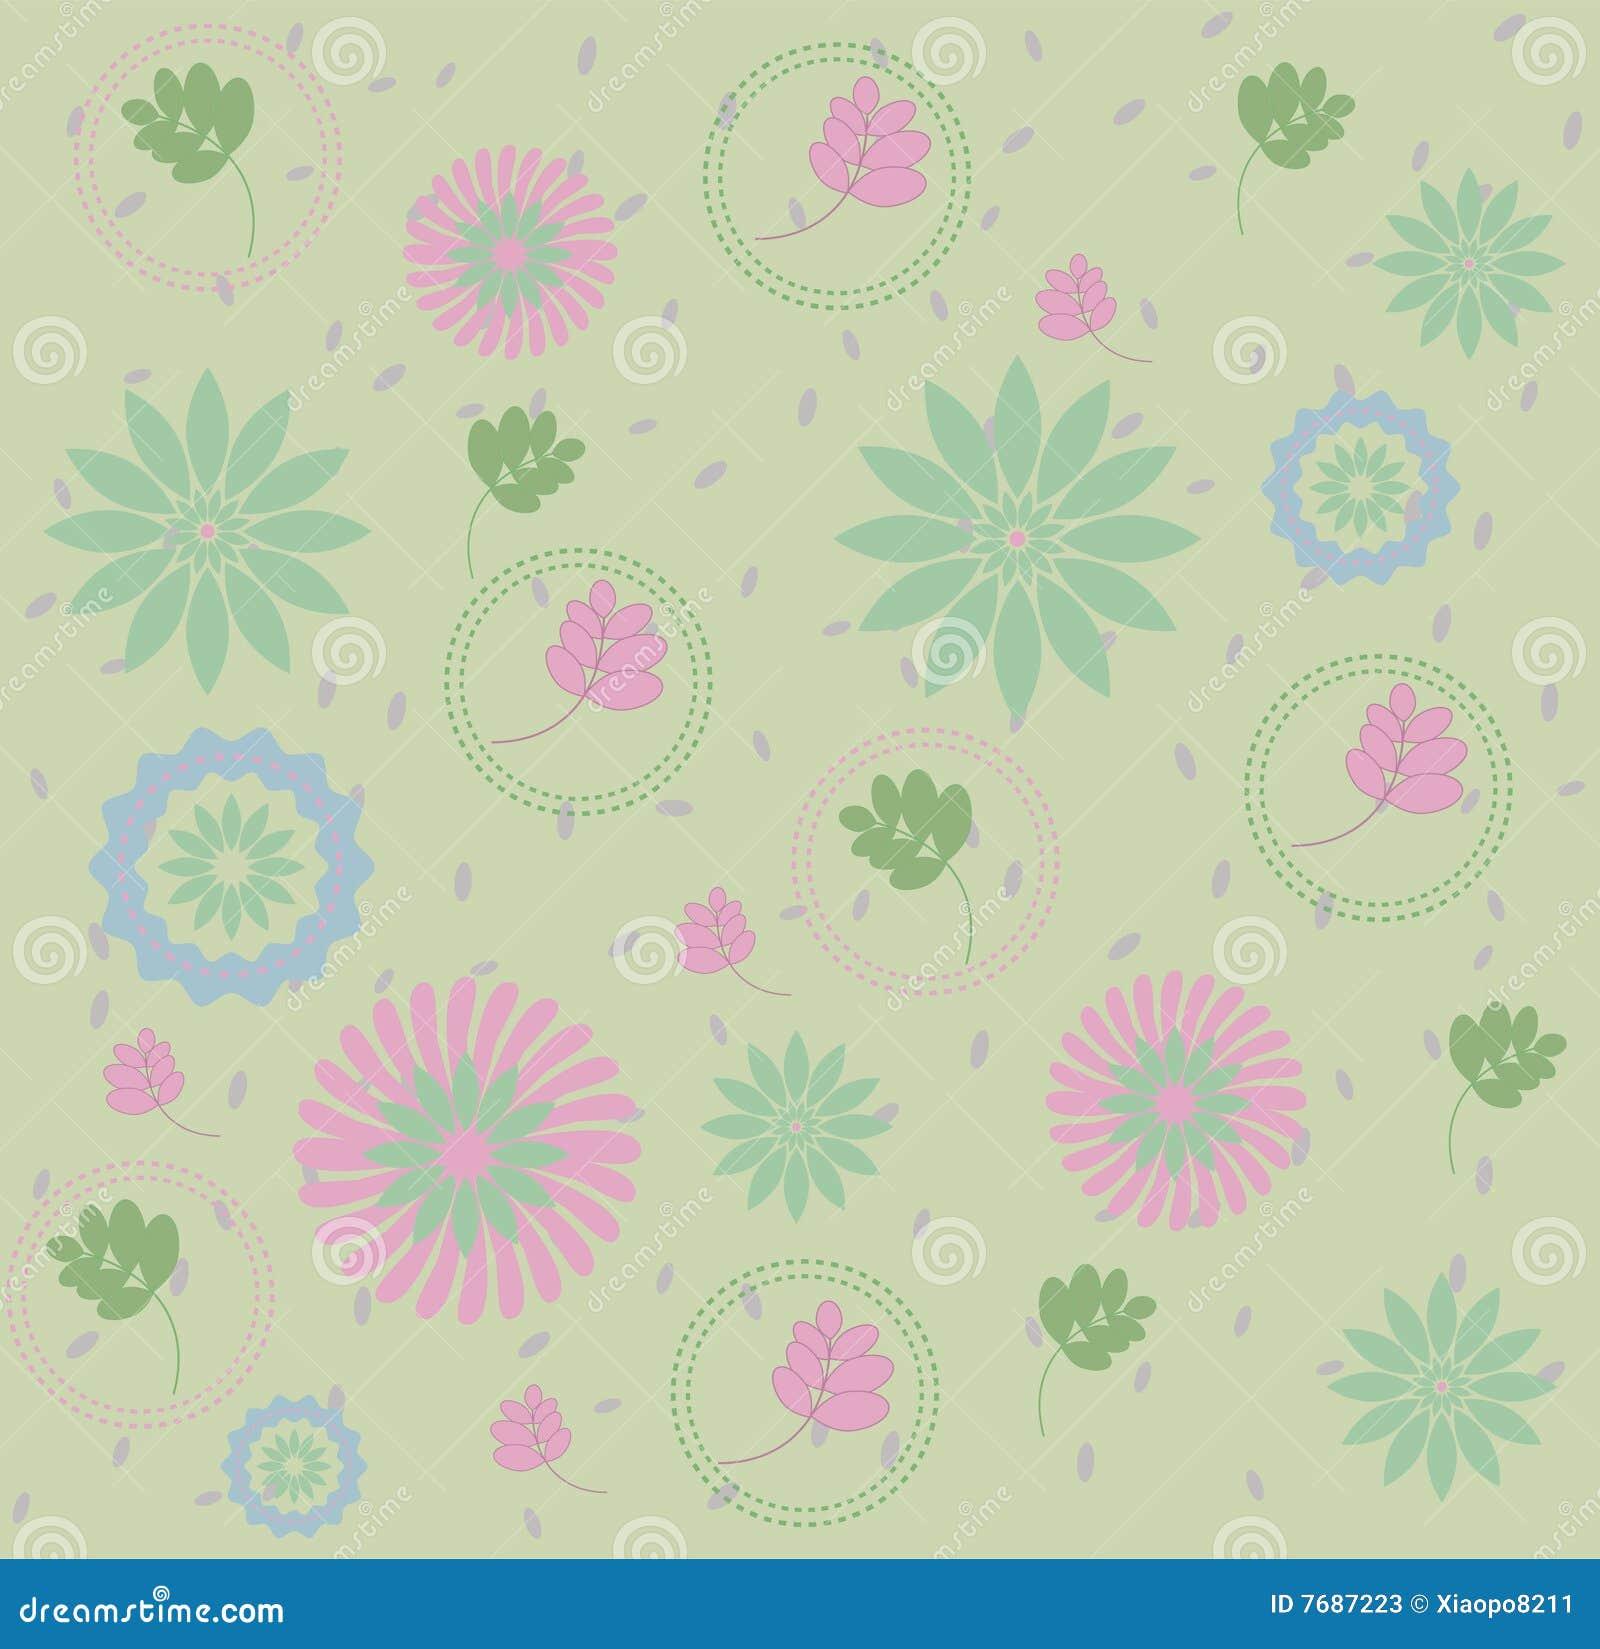 Flowers & leaves pattern